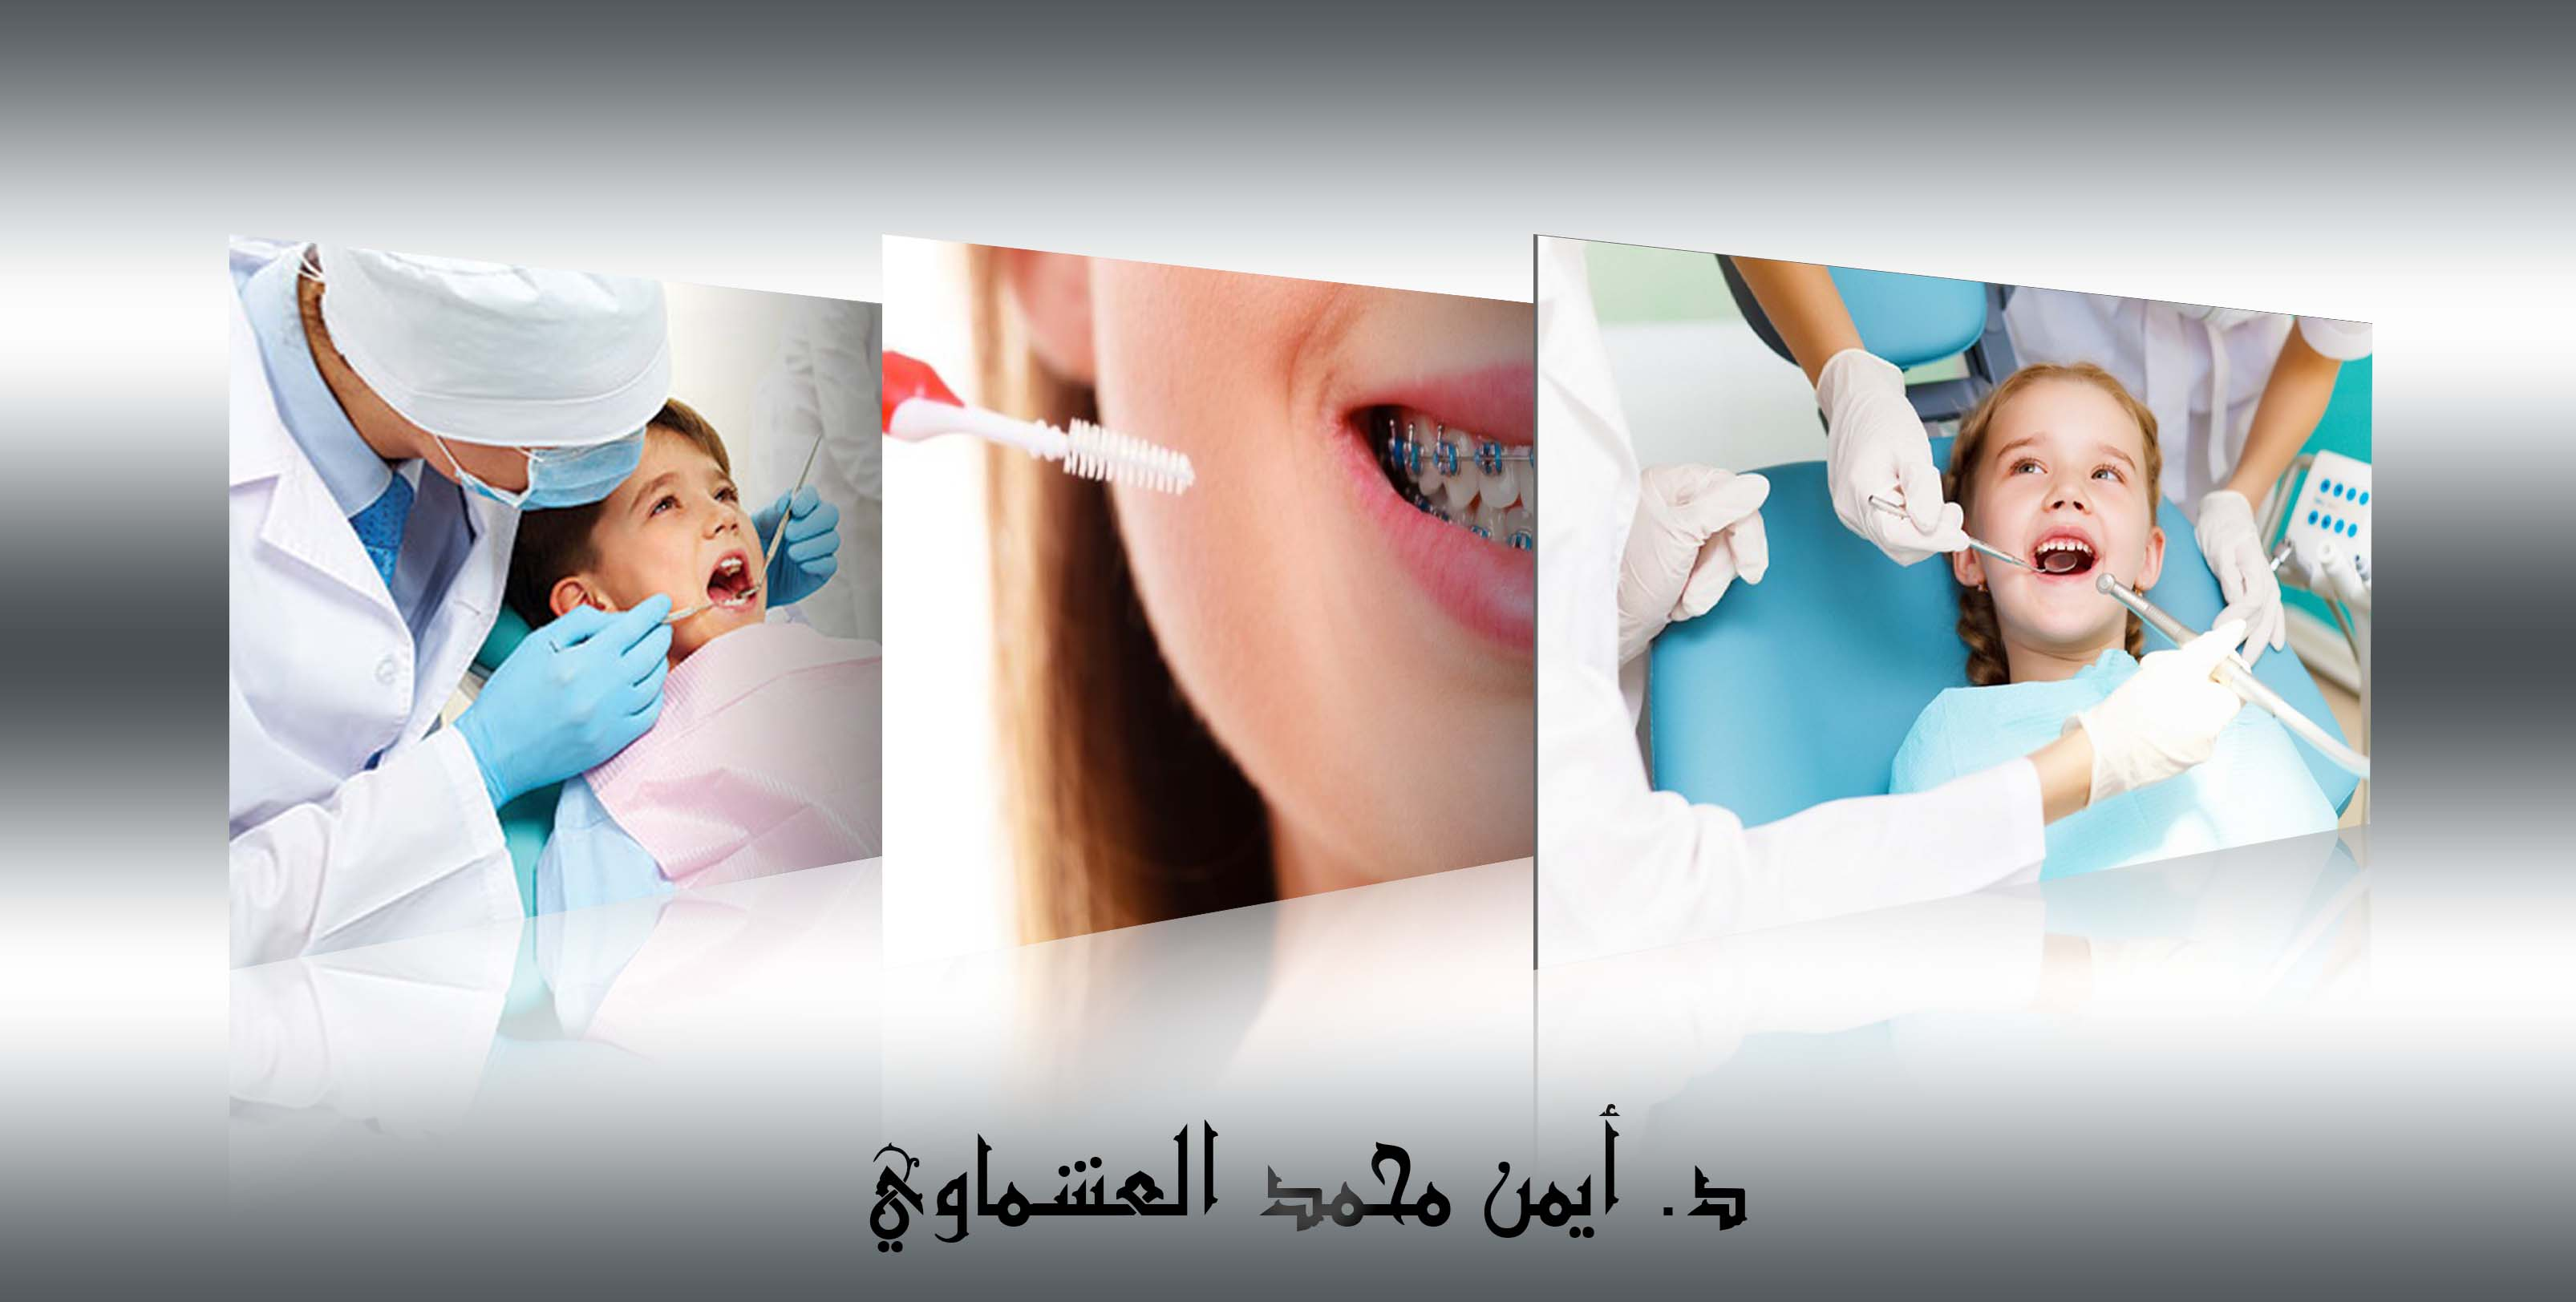 احسن دكتور اسنان بالقاهرة